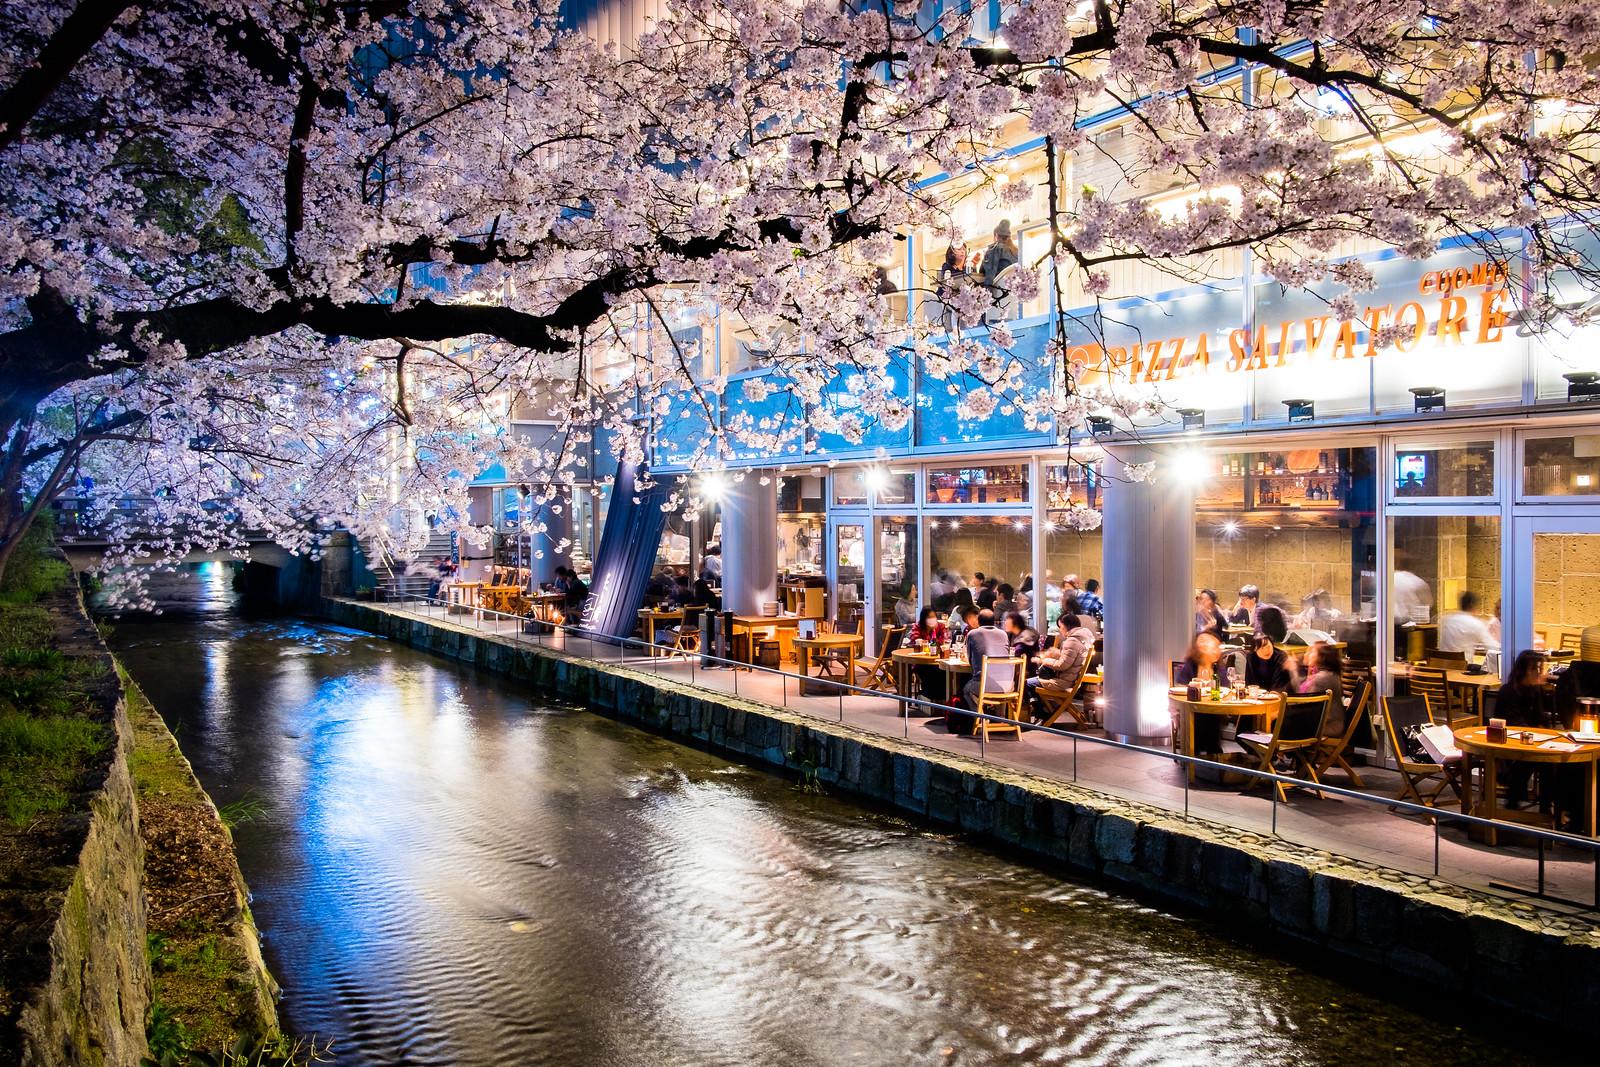 sakura '16 - cherry blossoms #12 (Kiyamachi, Kyoto)